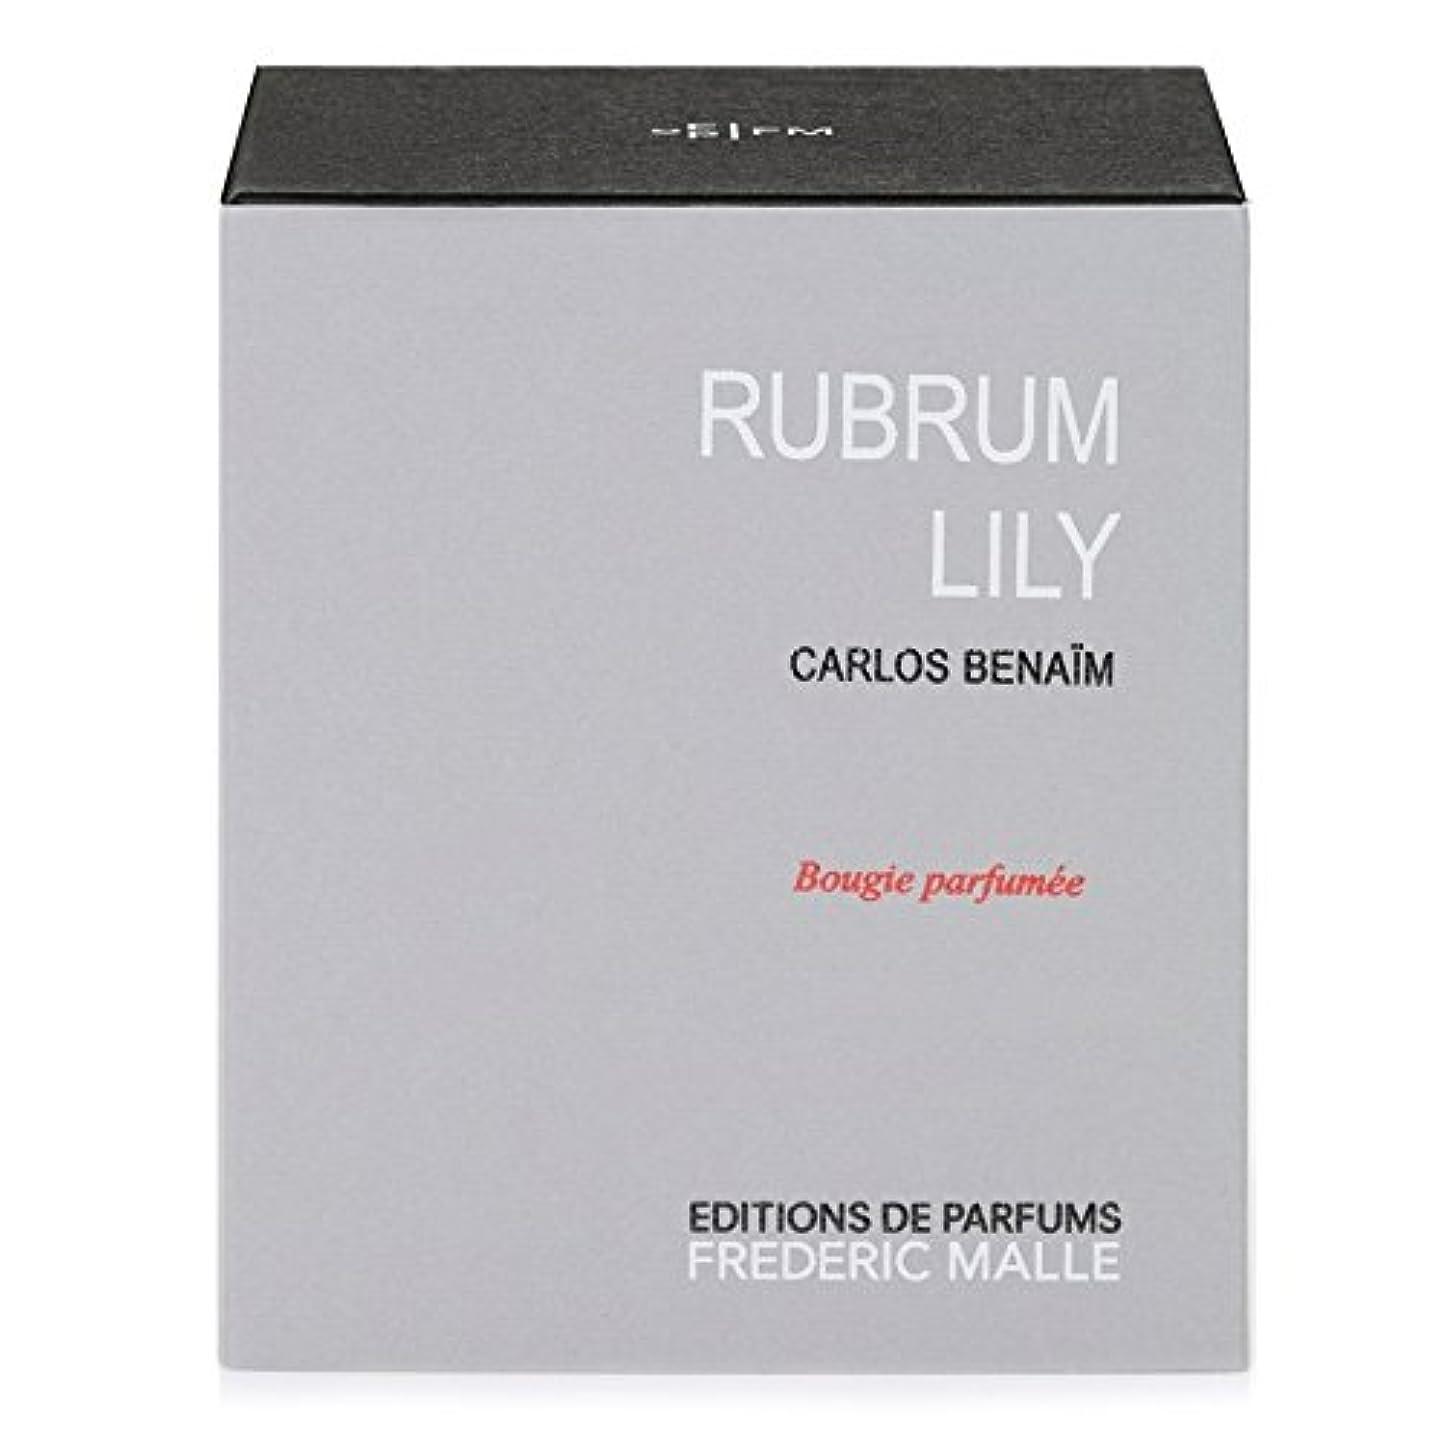 モーターあいまい失敗フレデリック?マルルブルムユリの香りのキャンドル x6 - Frederic Malle Rubrum Lily Scented Candle (Pack of 6) [並行輸入品]